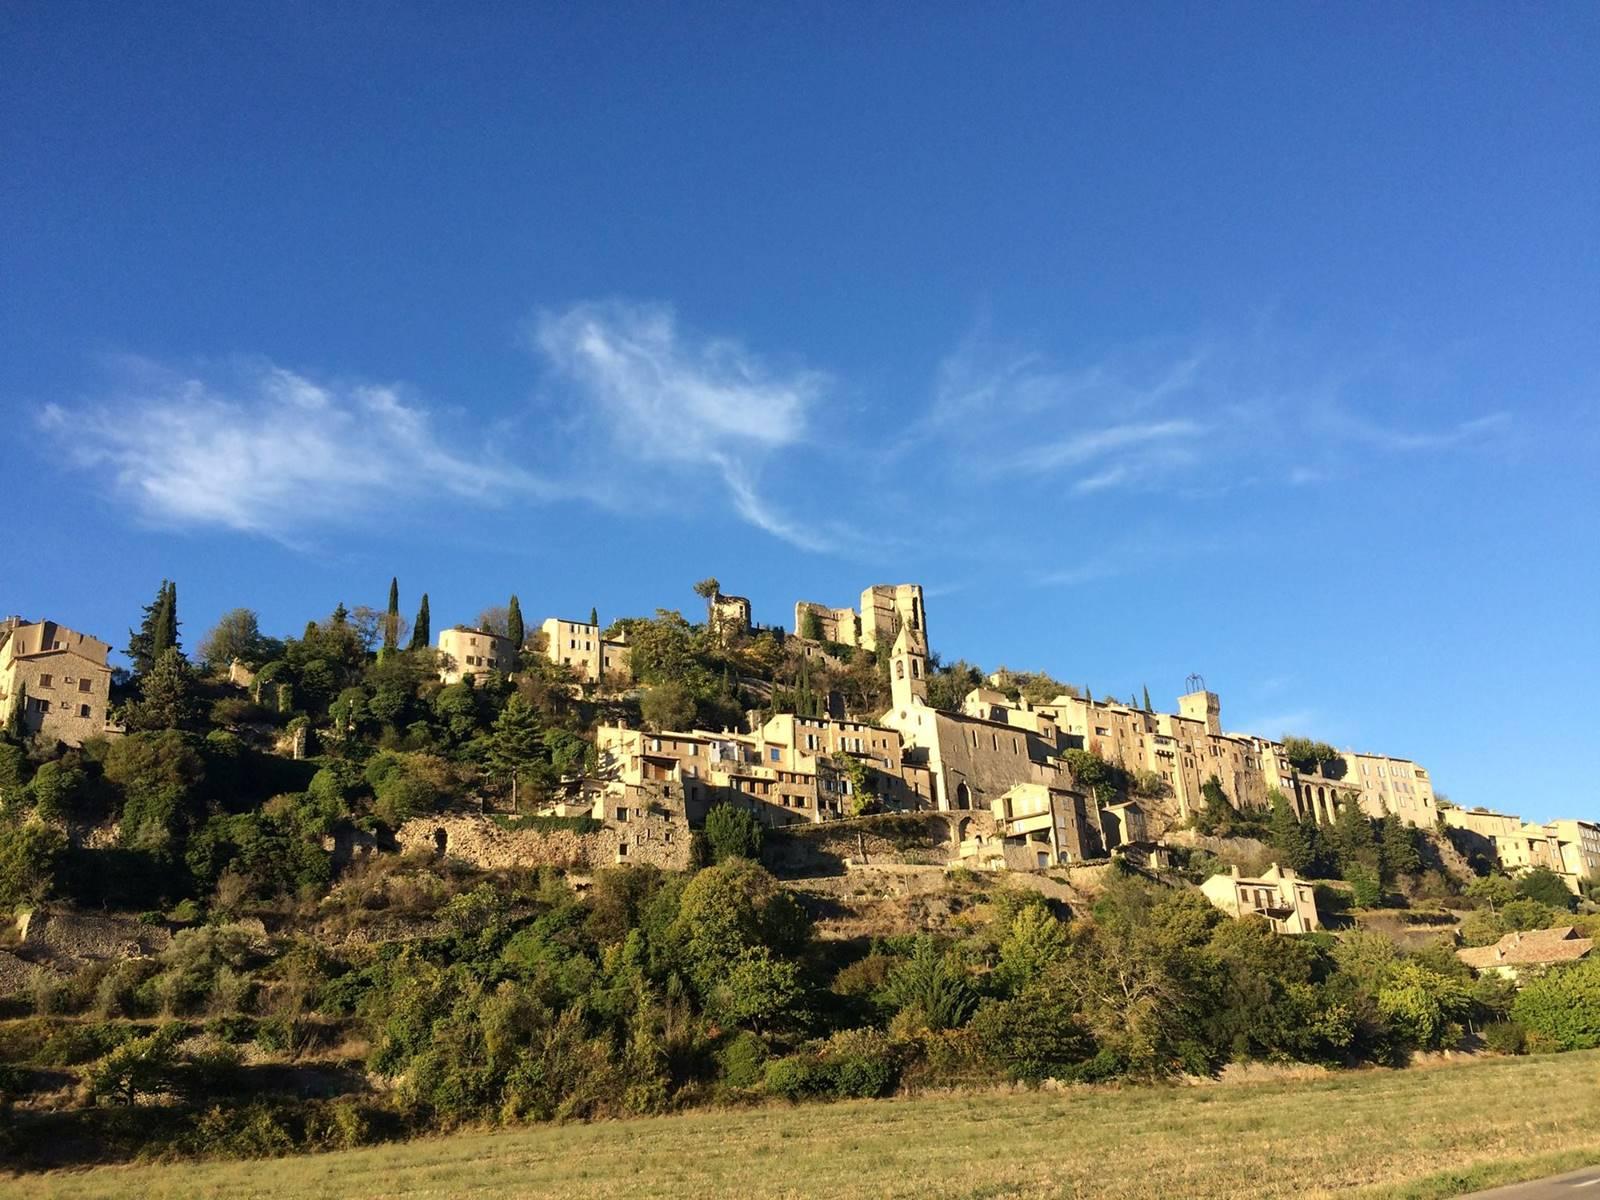 Village de Montbrun les bains